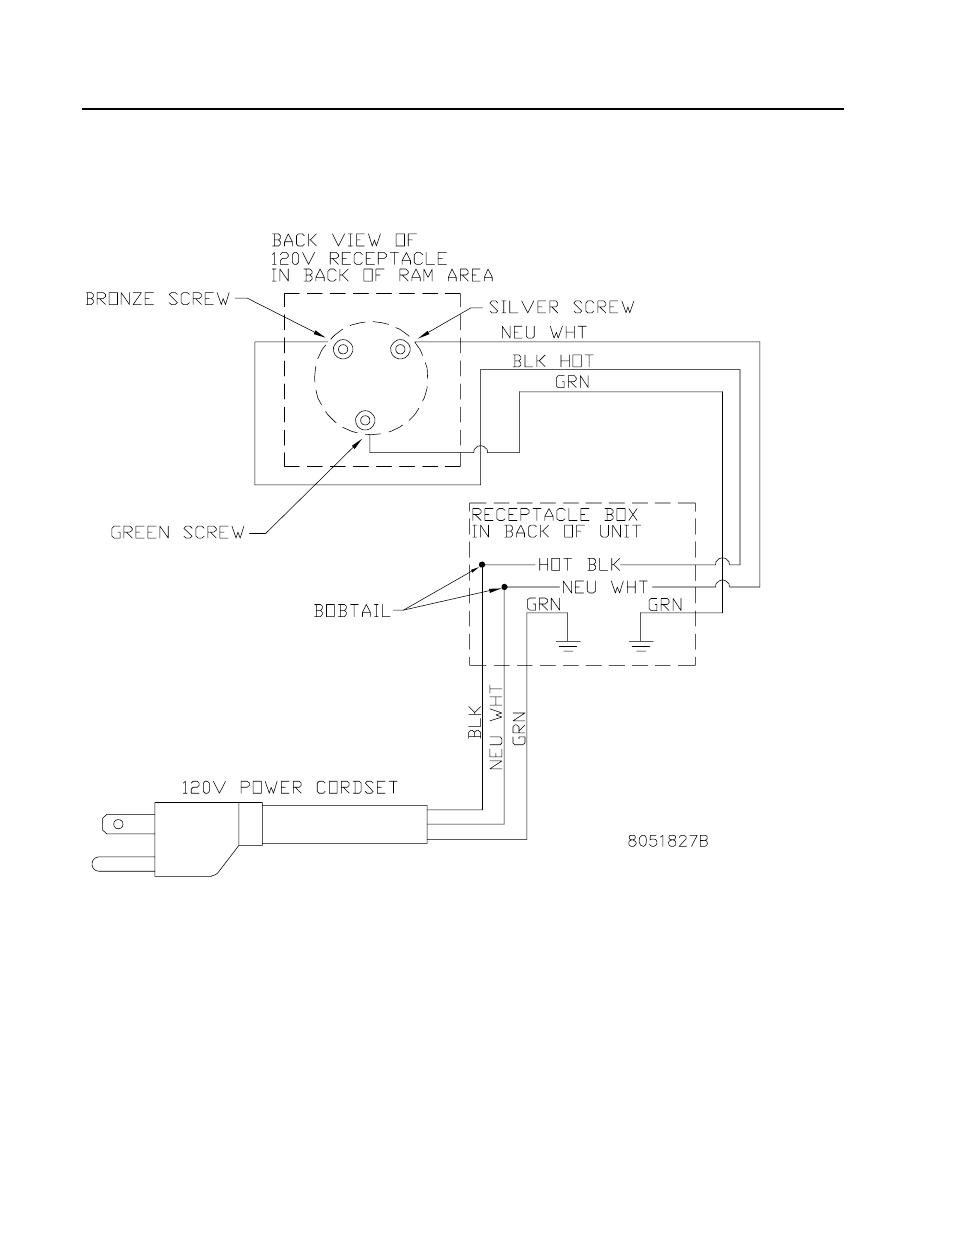 medium resolution of 6 wiring diagram ram units only frymaster bk1814 user manual metro wiring diagram 6 wiring